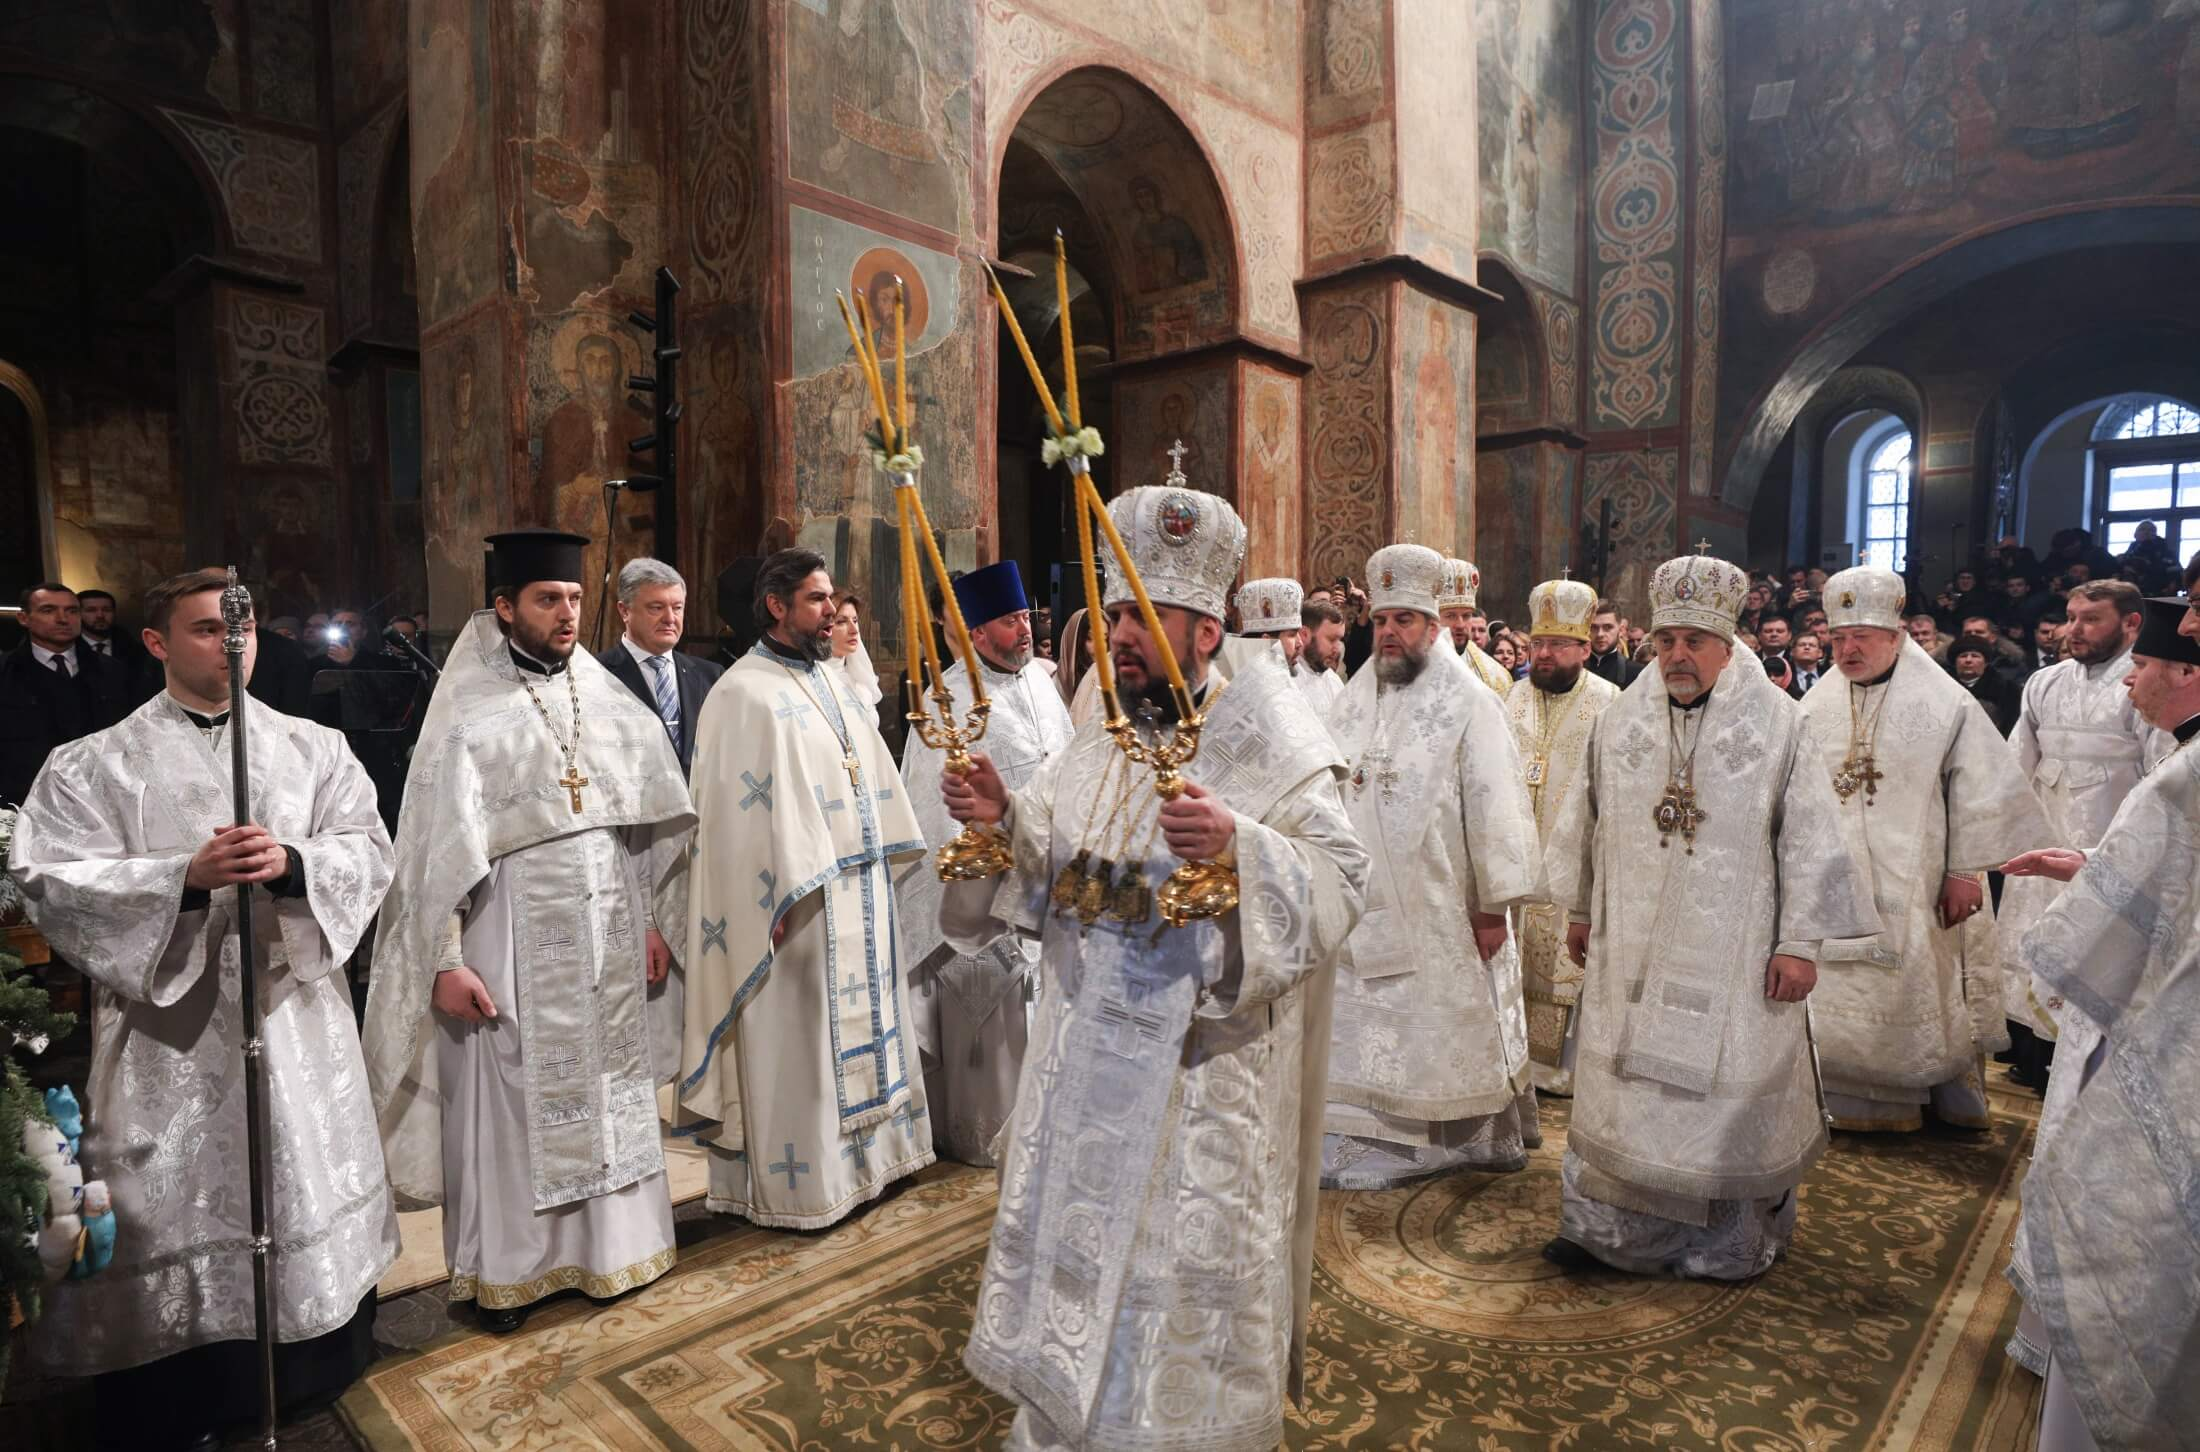 Metropolita Epifaniusz (w środku), zwierzchnik nowego, zjednoczonego Prawosławnego Kościoła Ukrainy, podczas Liturgii Bożego Narodzenia w Soborze Mądrości Bożej w Kijowie 7 stycznia 2019 r.